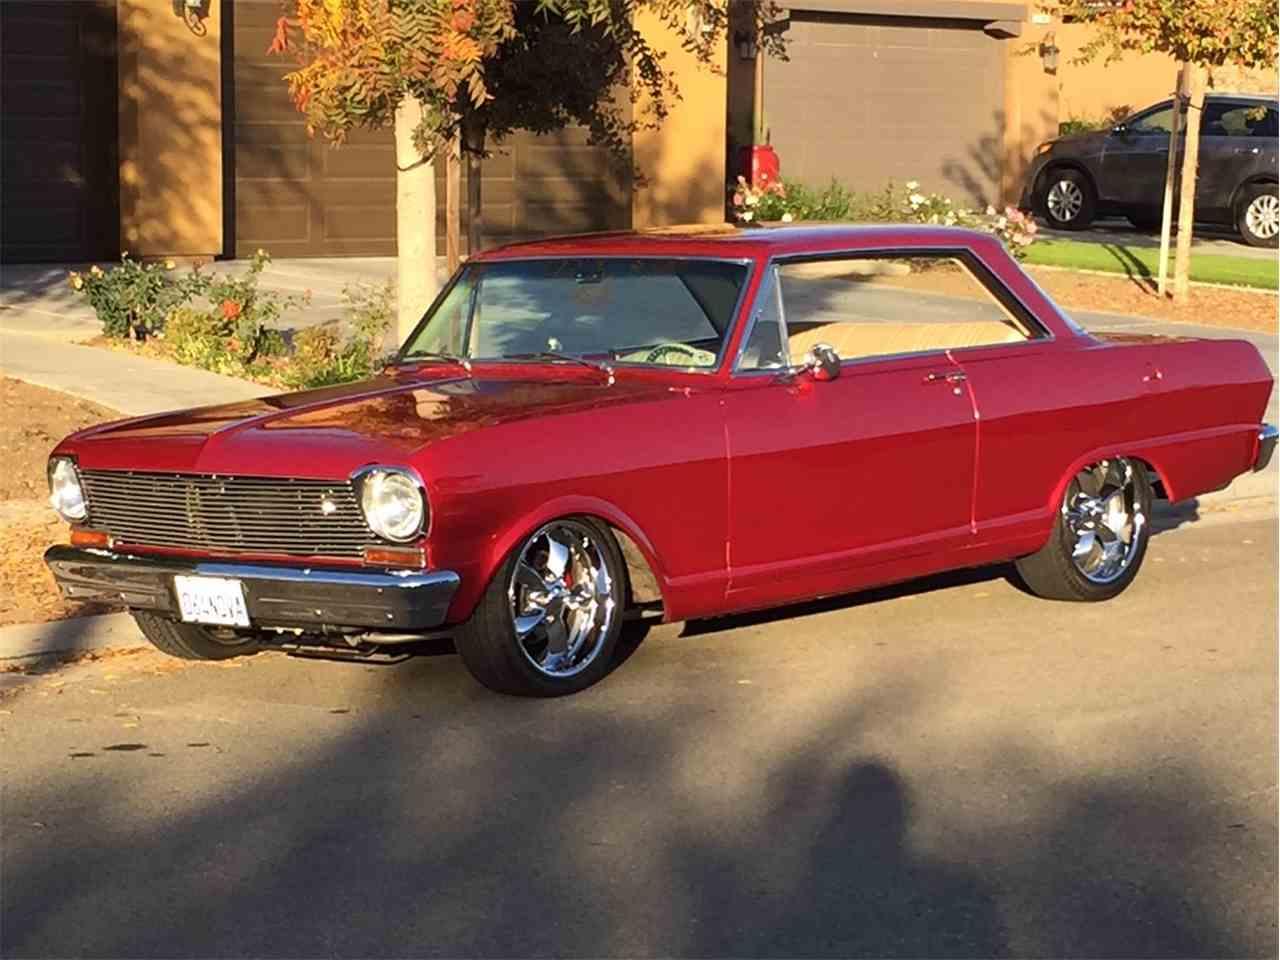 Cars Of Clovis >> 1964 Chevrolet Chevy II Nova SS for Sale | ClassicCars.com | CC-1054076